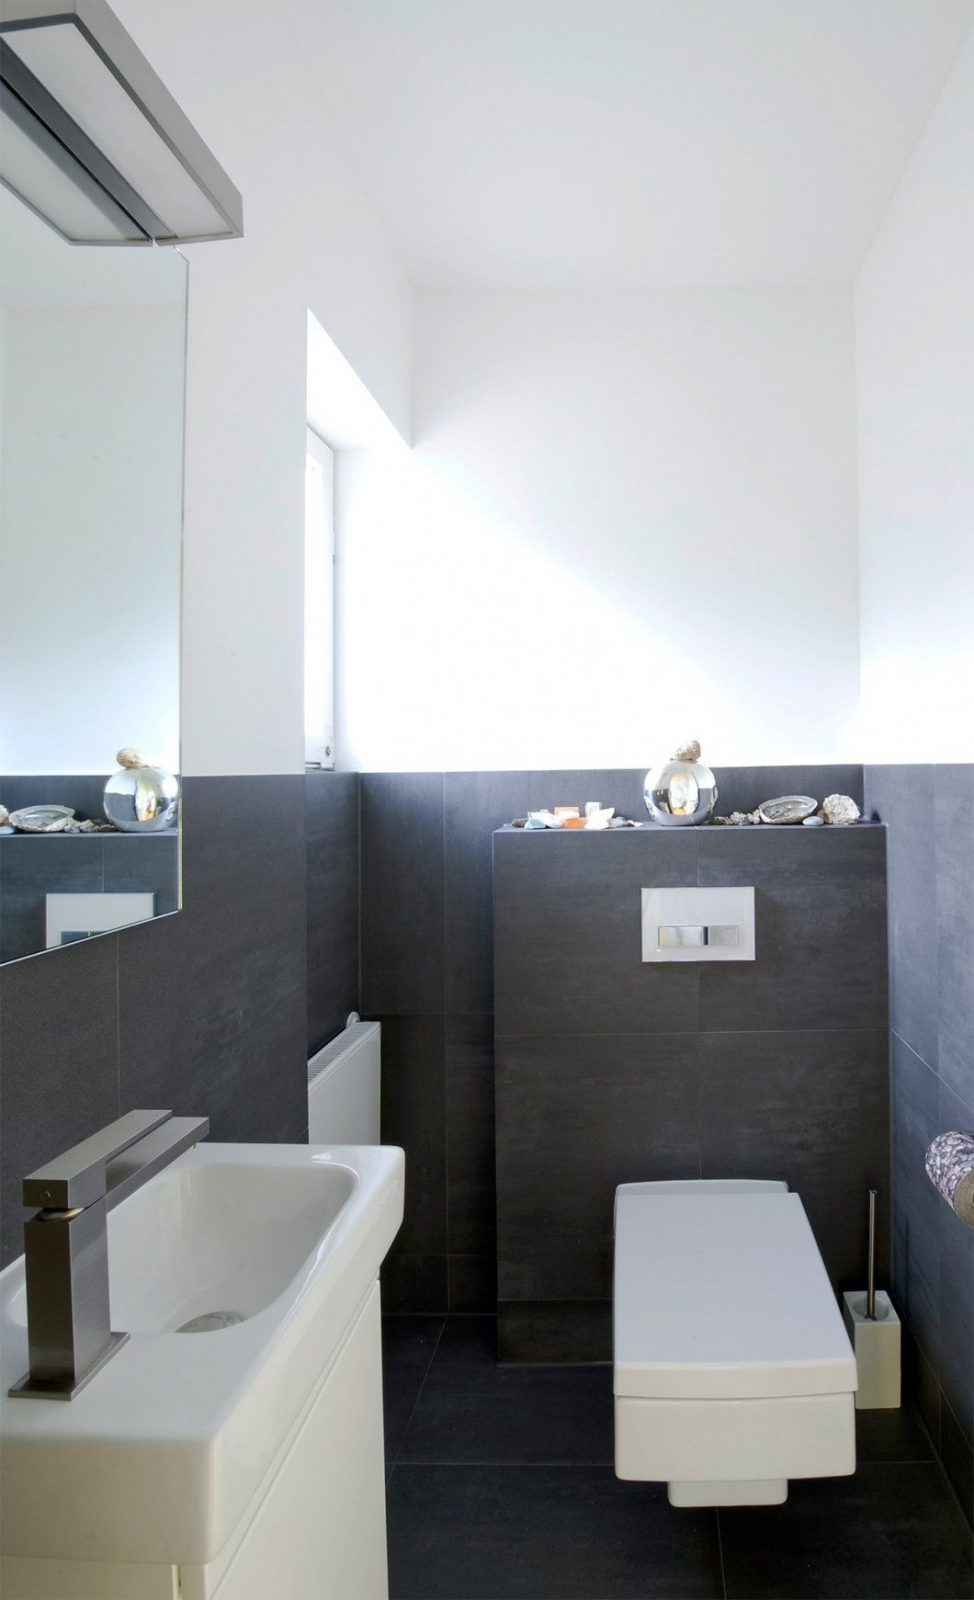 gstewcideen 15 topbeispiele die inspirieren von kleines gste wc gestalten bild - Gaste Wc Gestaltung Beispiele